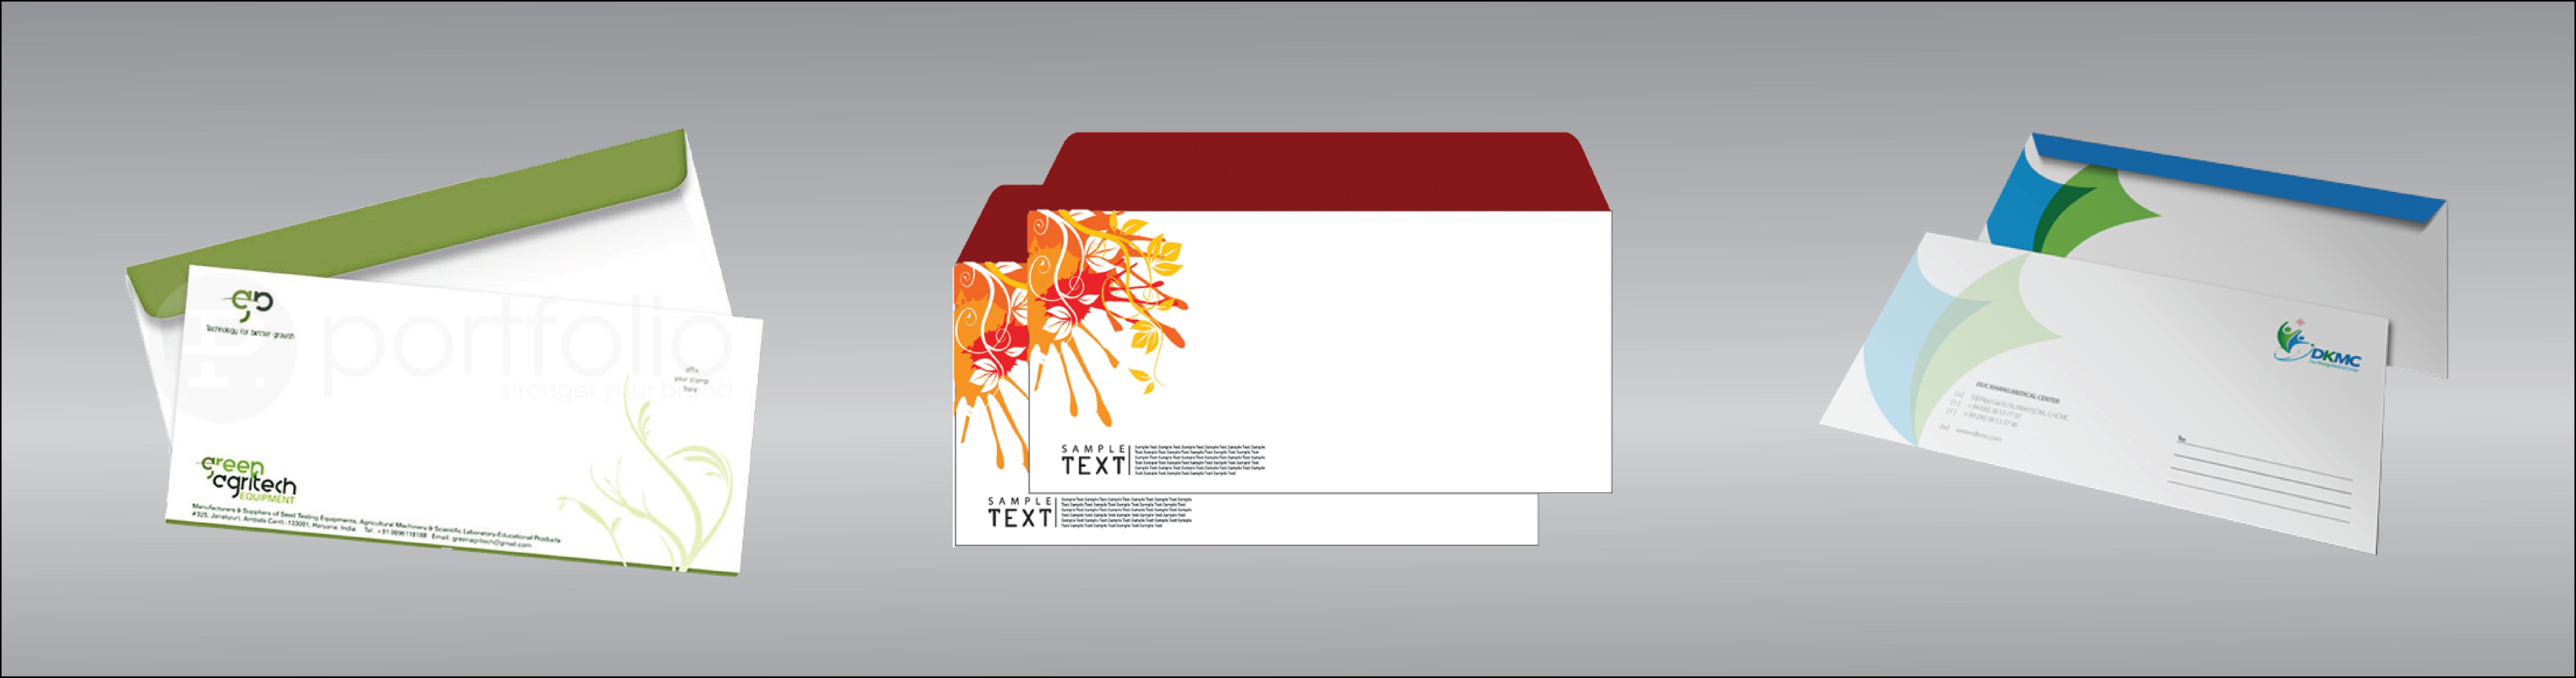 thiết kế in ấn bao thư